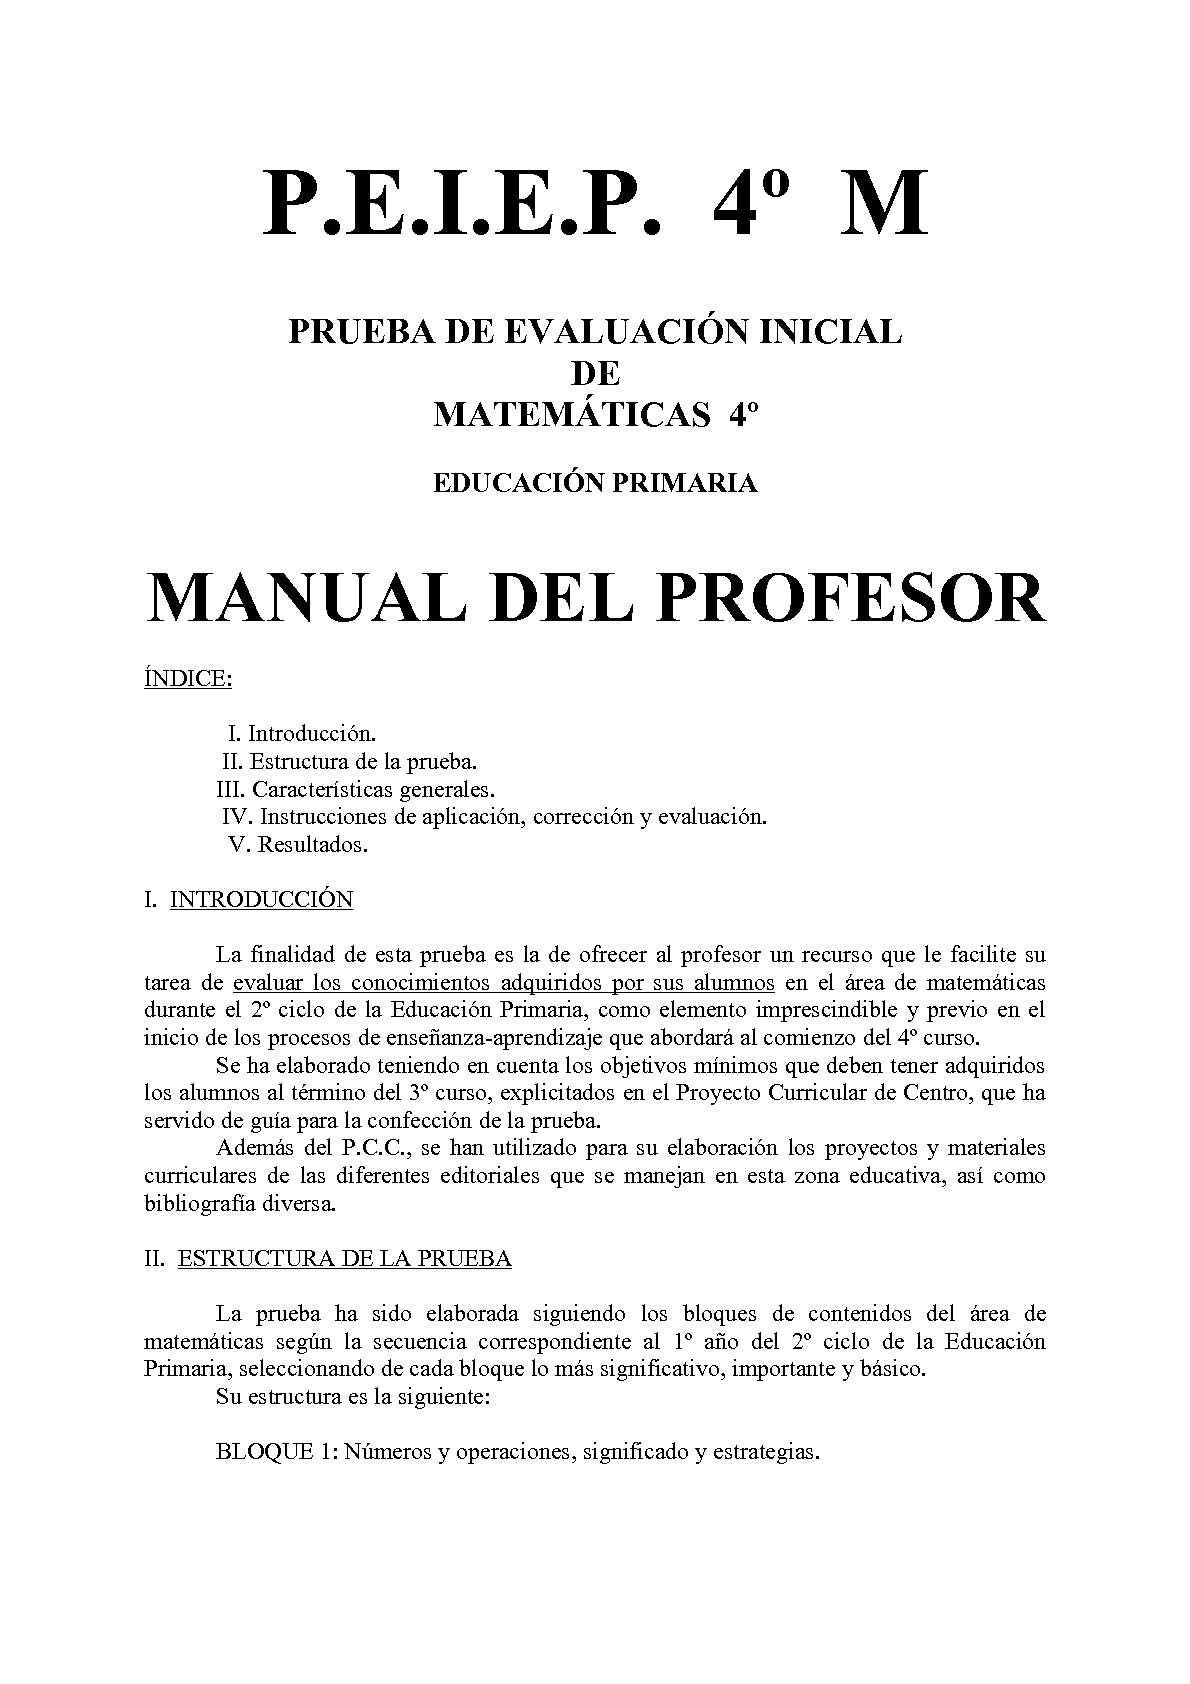 Evaluación Inicial de 4º de Educación Primaria de Matemáticas